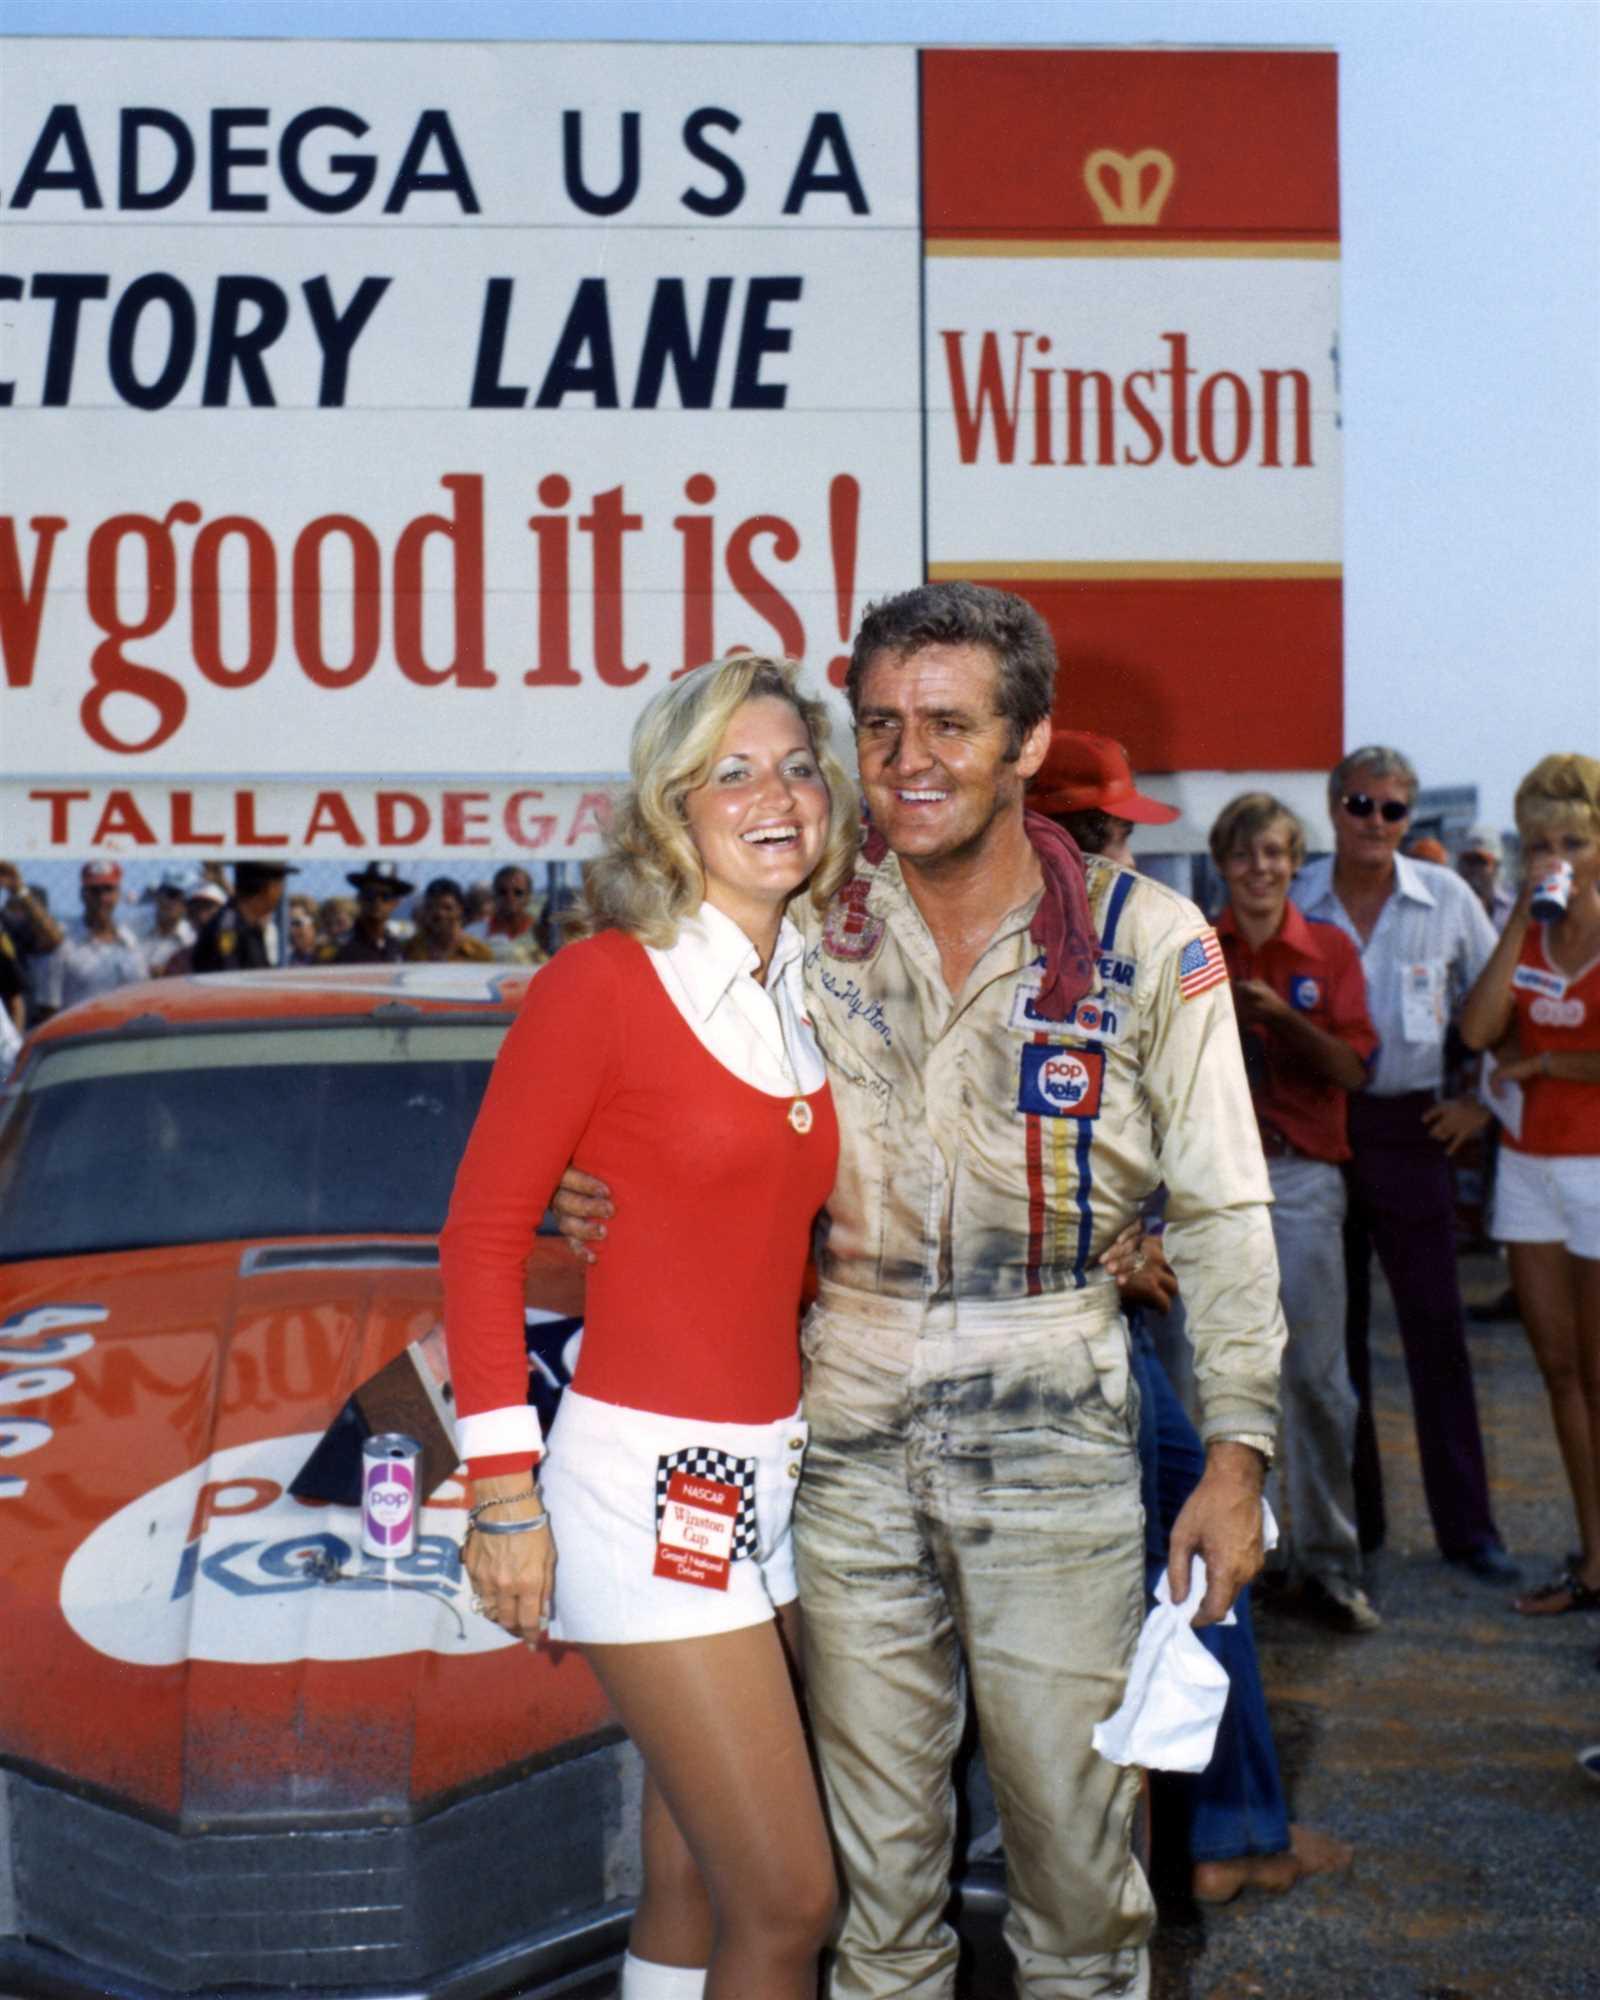 Джеймс Хайлтон, победитель второй гонки на суперспидвее в 1972 году